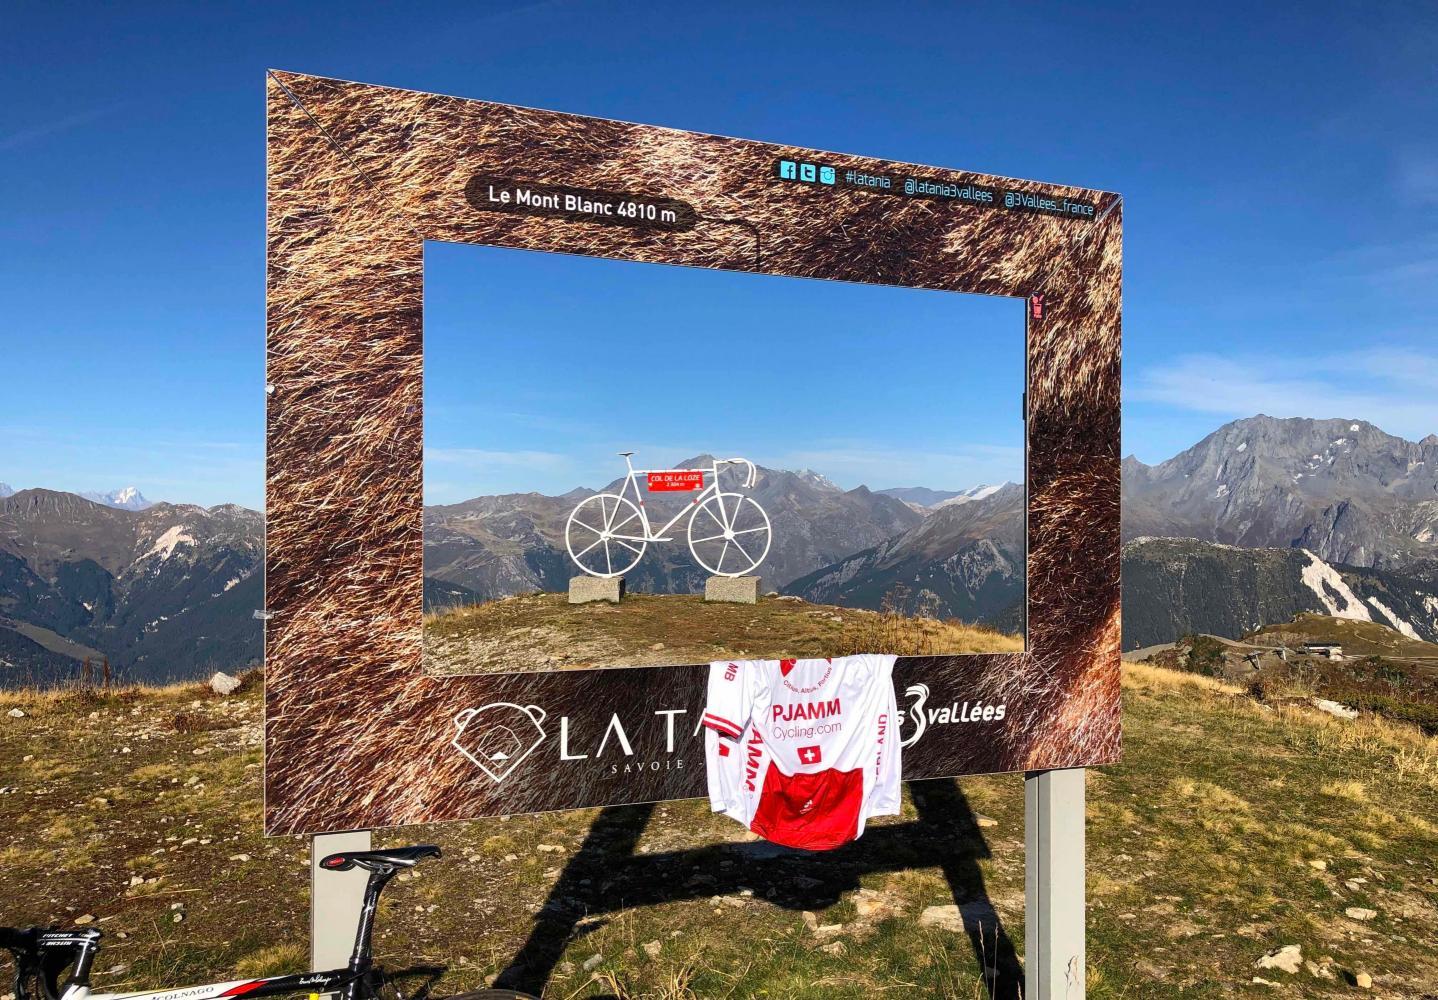 Col de la Loze (Meribel) Bike Climb - PJAMM Cycling